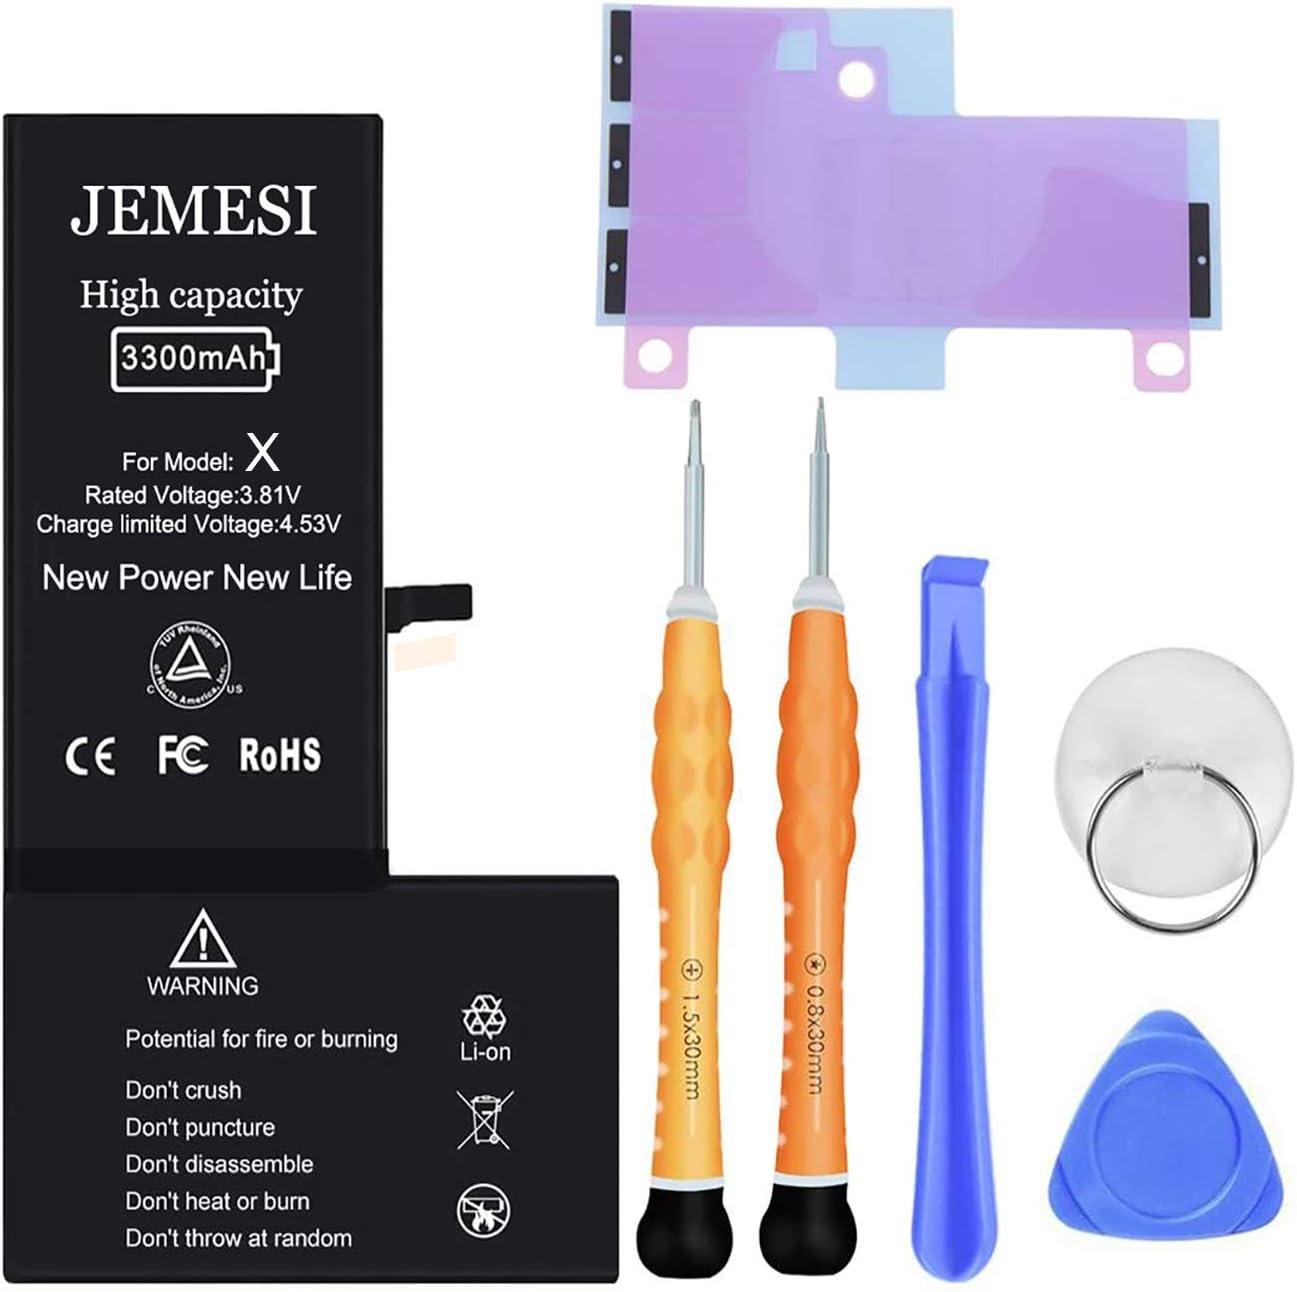 JEMESI Batterie pour iPhone X 40mAh, Batterie de Remplacement de Haute  Performance avec kit d 'Entretien Professionnel, Bande magnétique et ...